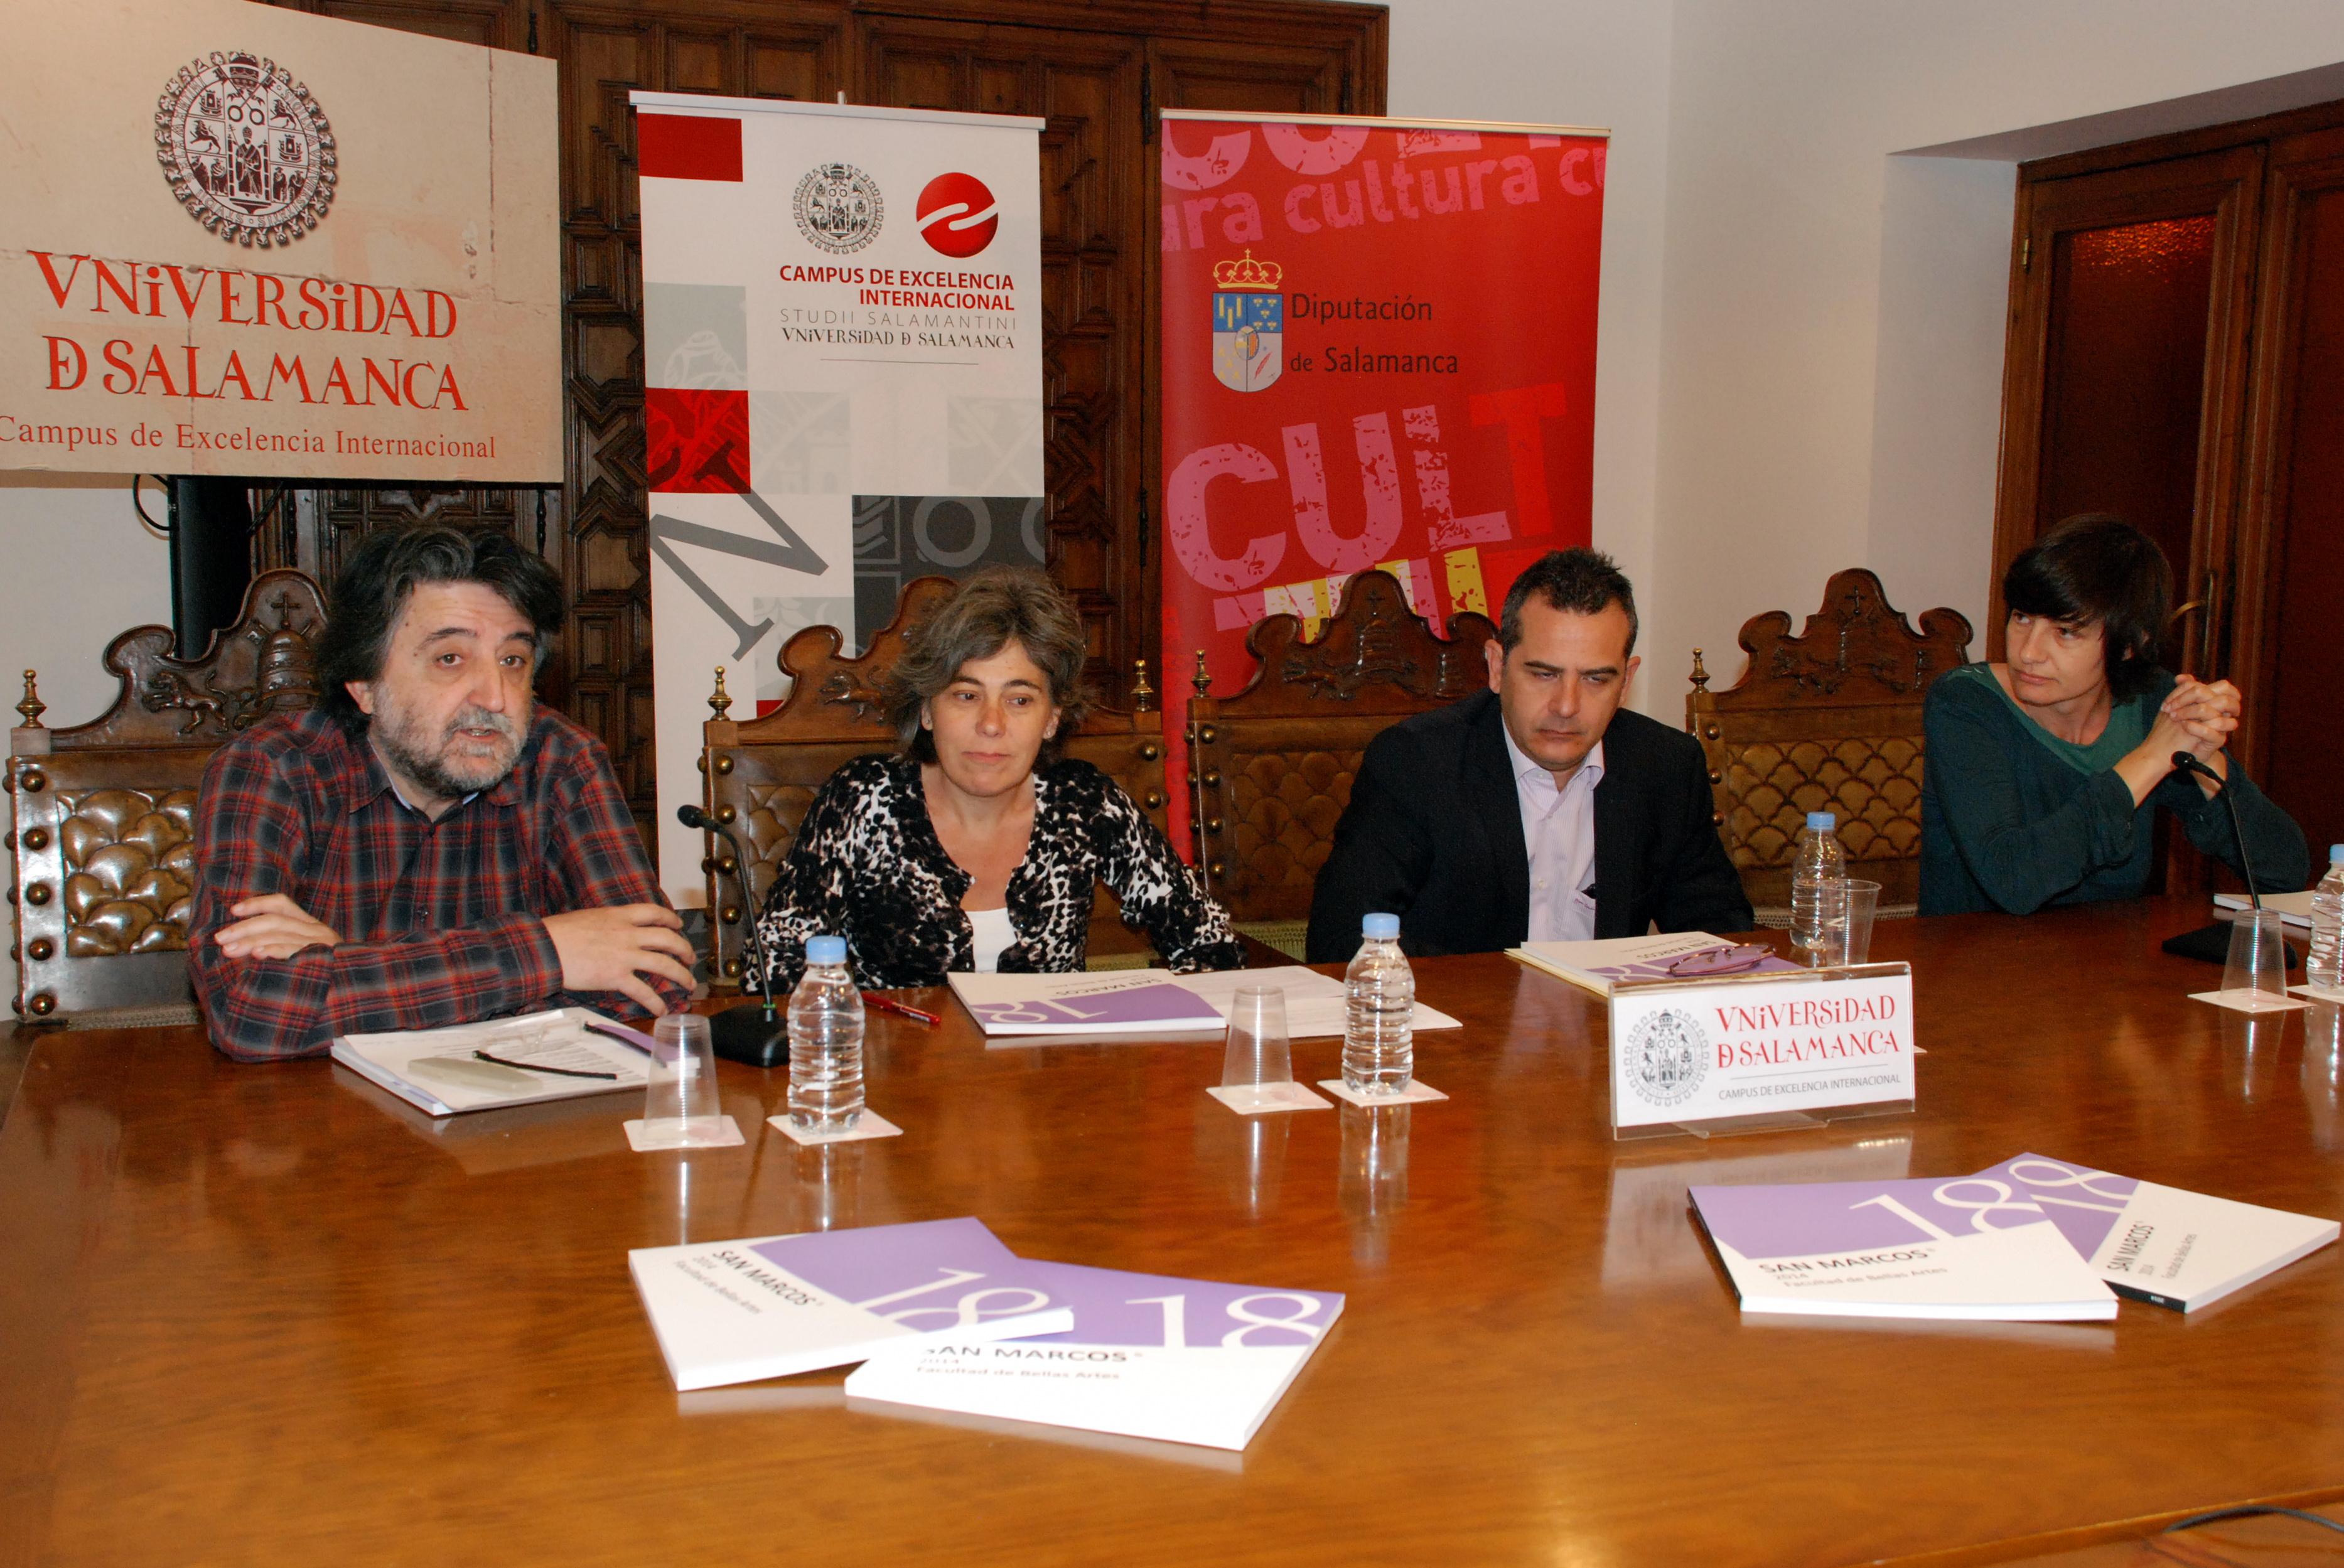 Un total de 63 obras componen la muestra seleccionada en los XVIII Premios San Marcos de la Facultad de Bellas Artes